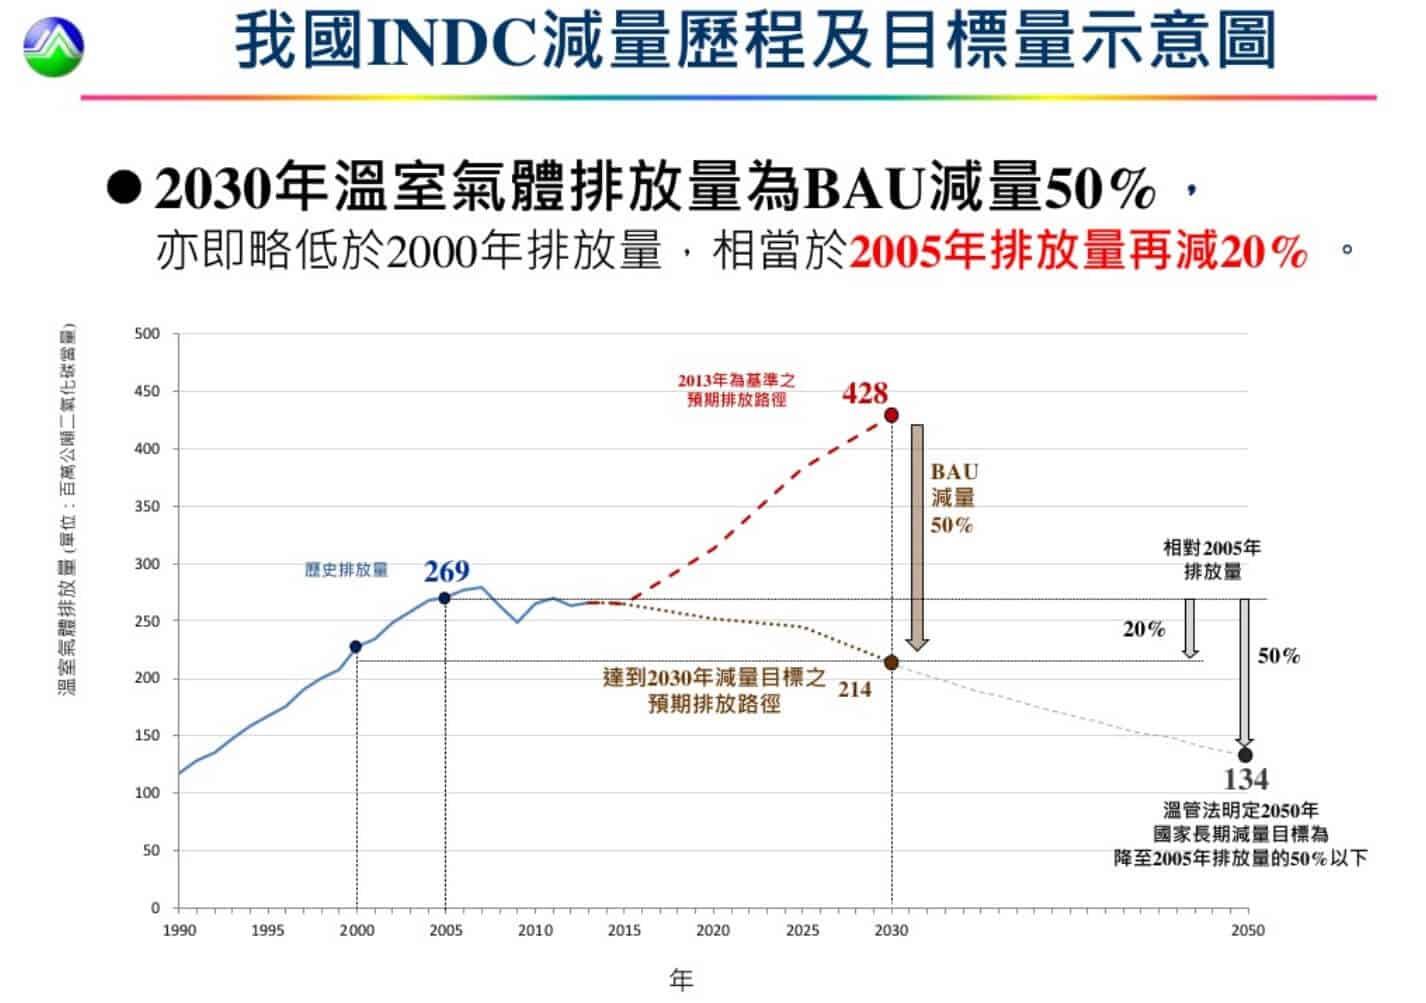 台灣2015年的INDC減量歷程及目標量示意 (來源:環保署)